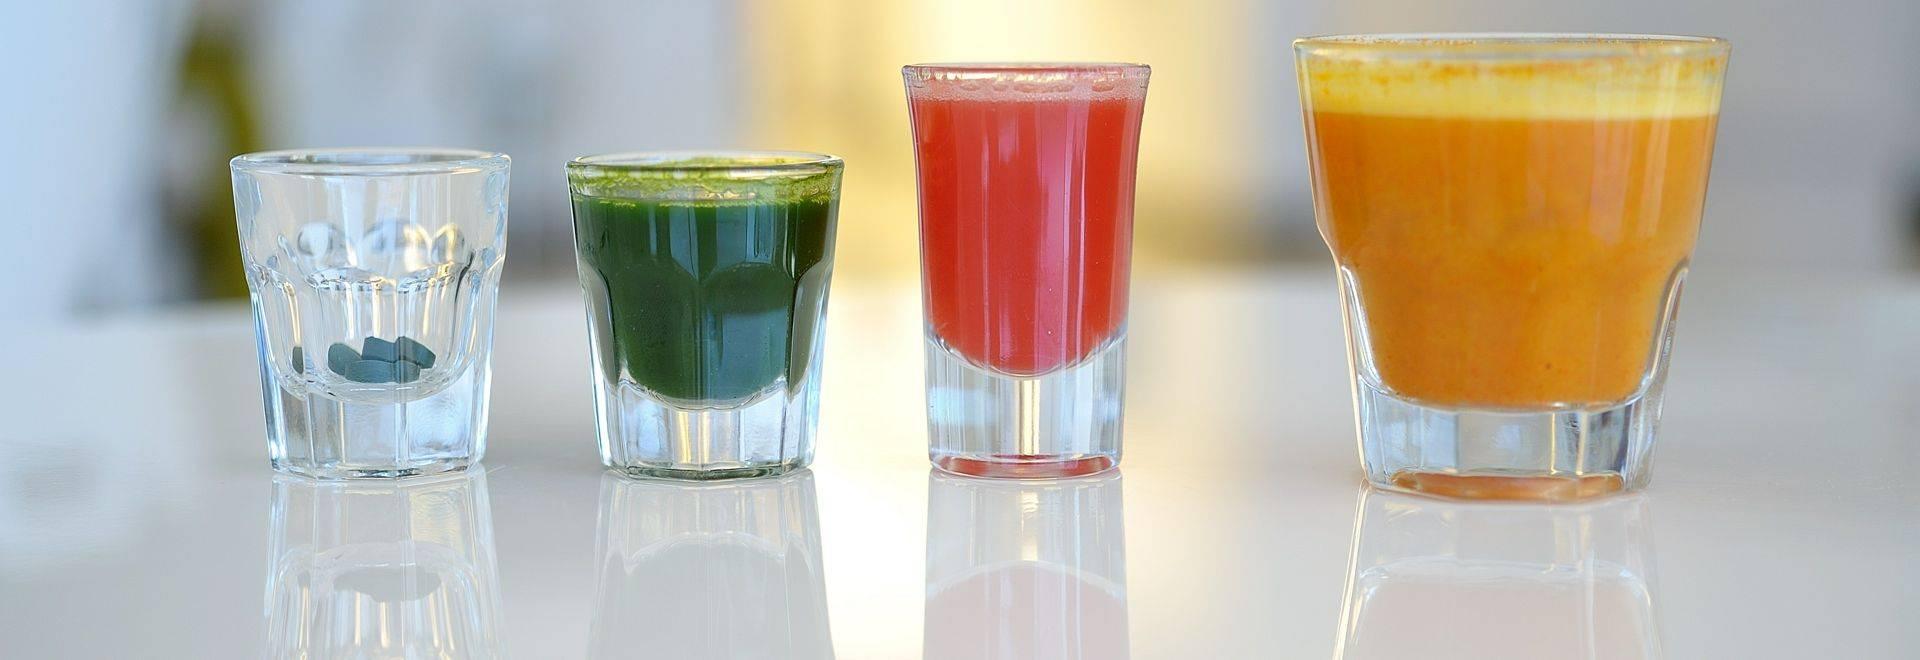 Sianji-detox-drink.jpg